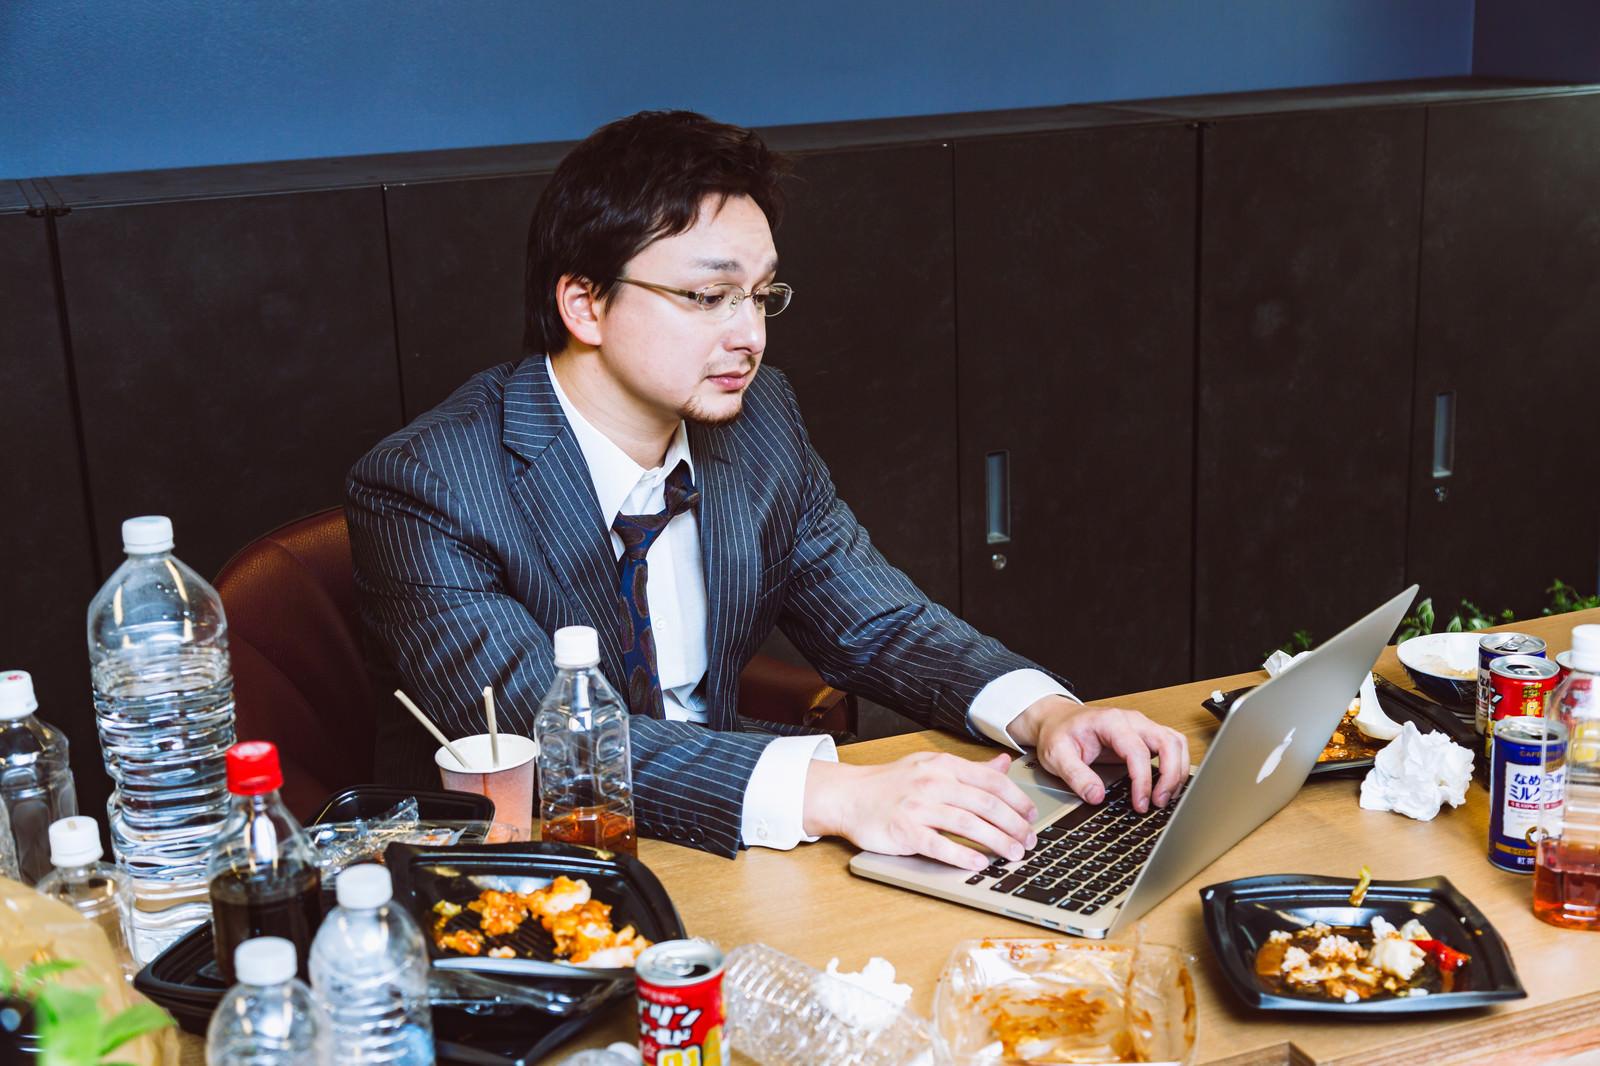 「大型連休が明けて出社したら上司が連勤してた」の写真[モデル:Max_Ezaki]